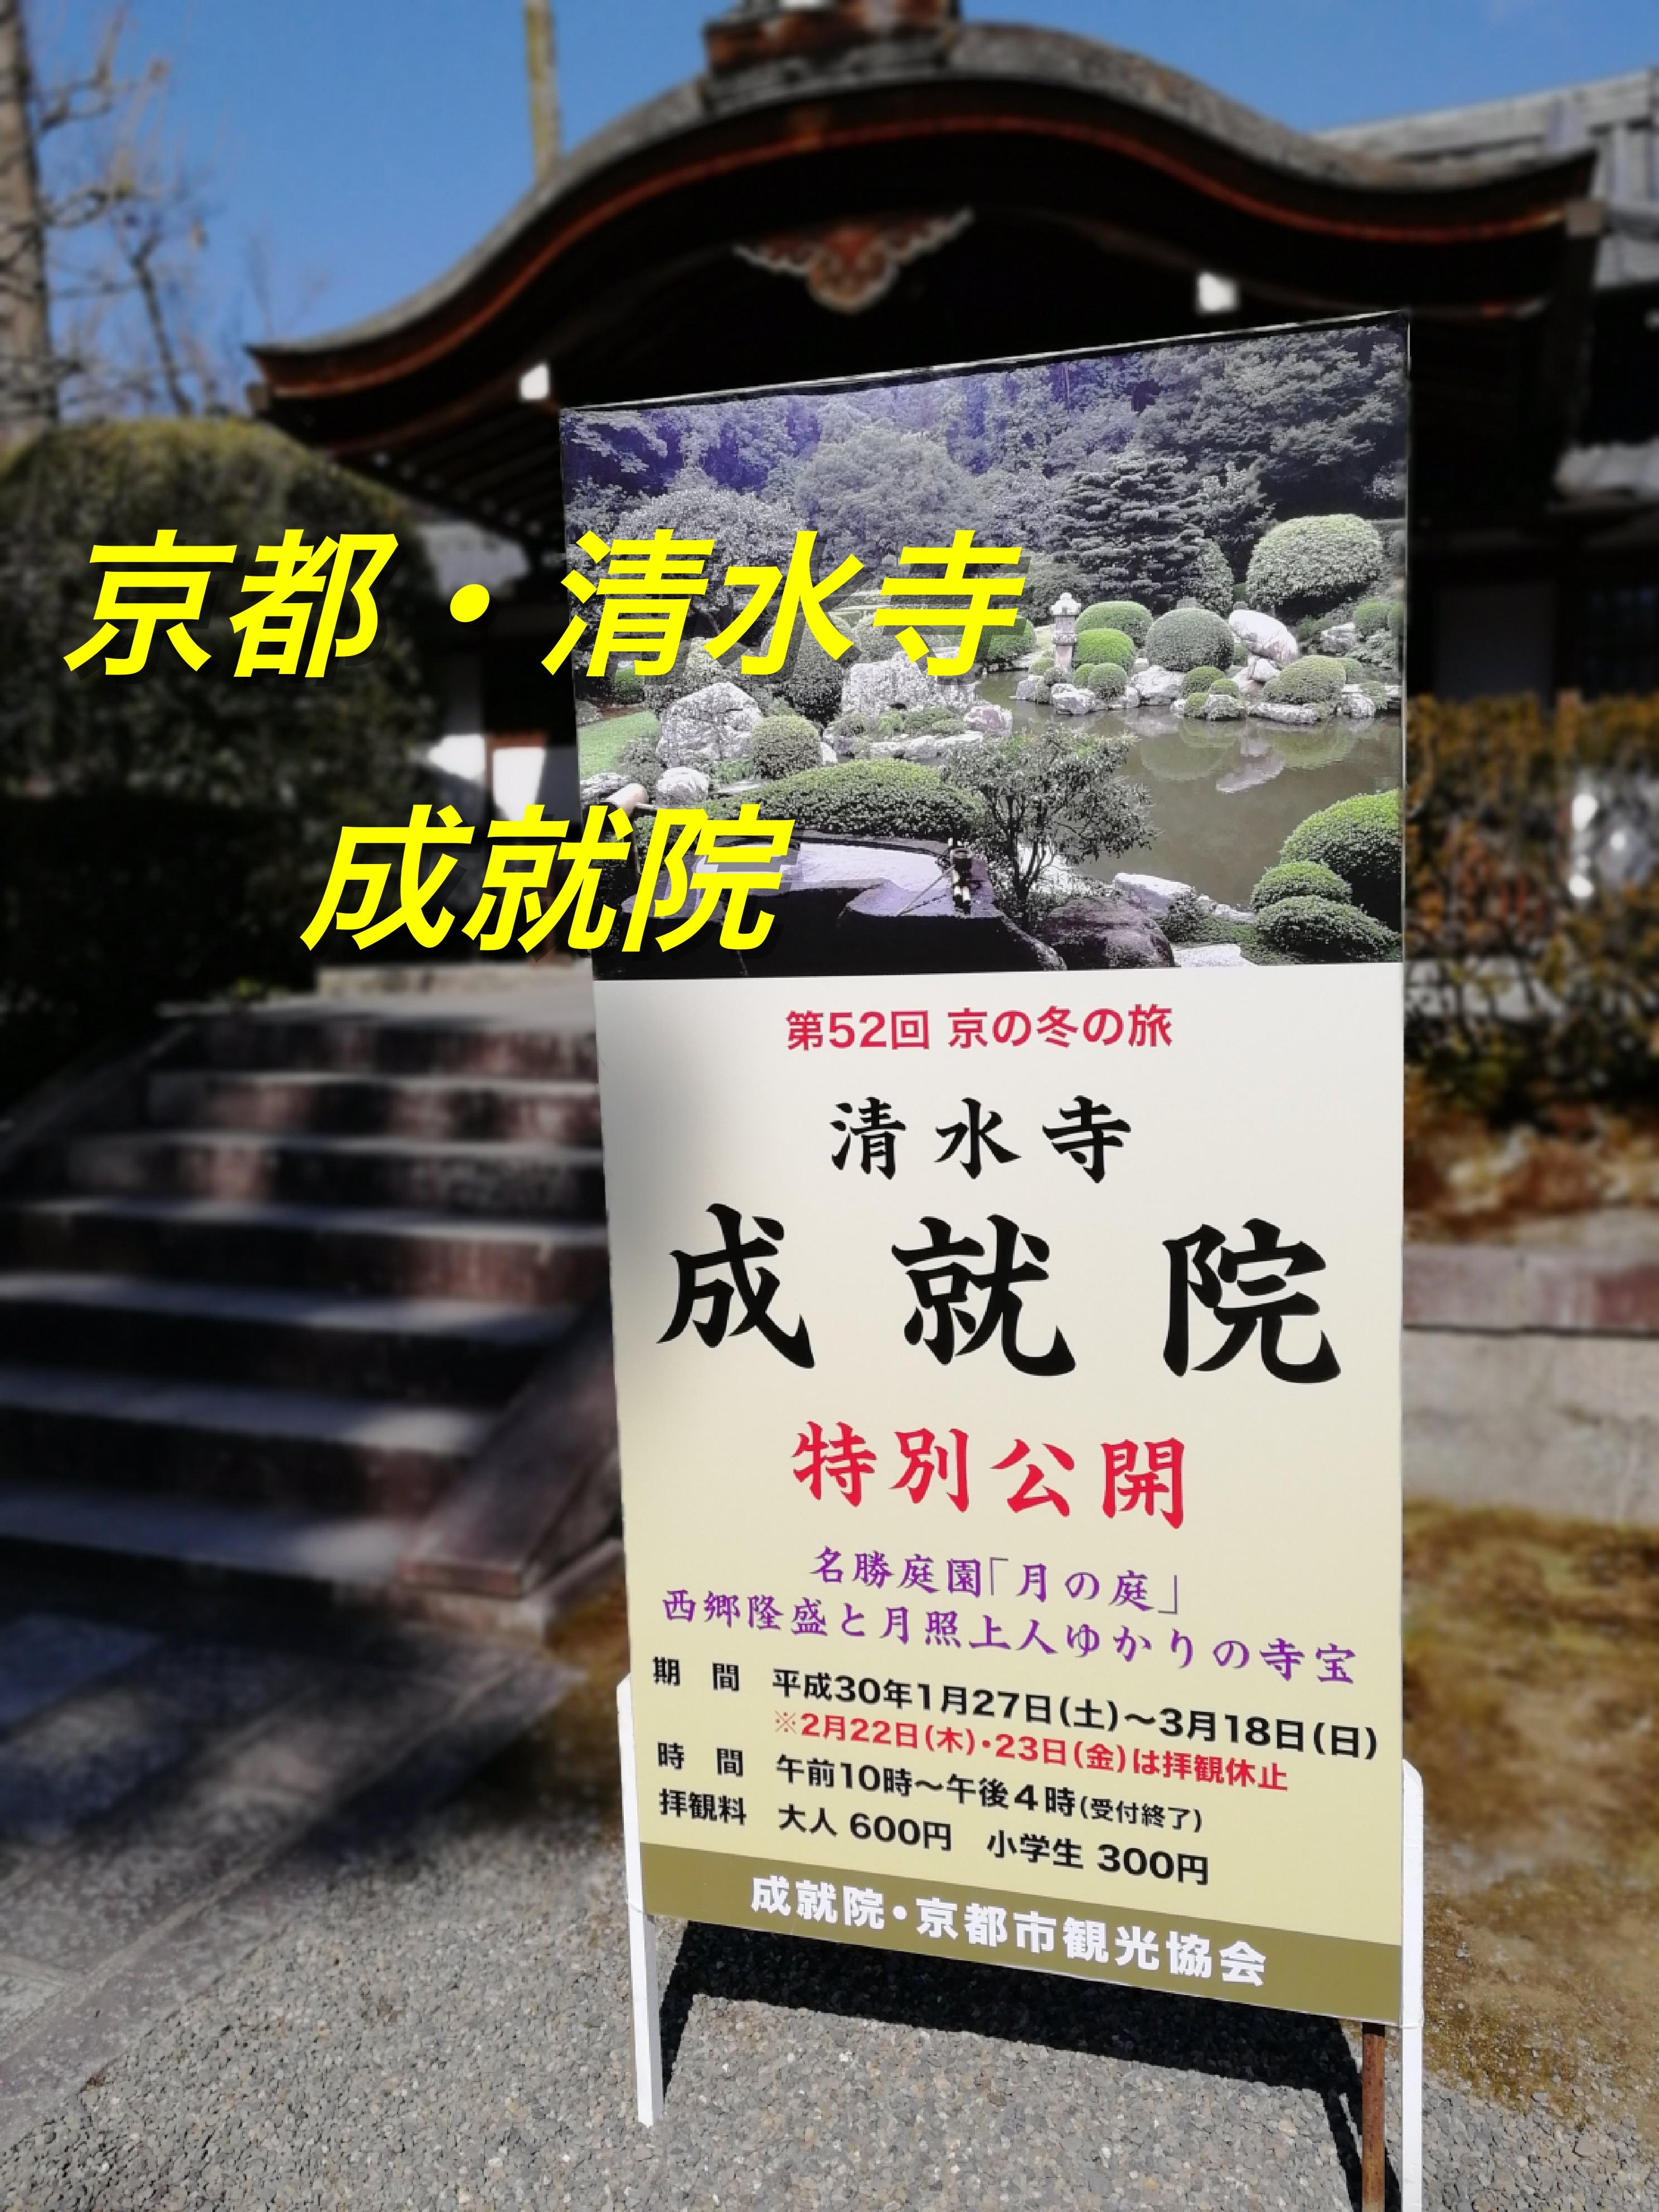 特別公開はいつ?西郷隆盛が過ごしたお寺、京都・成就院の拝観と御朱印をご紹介